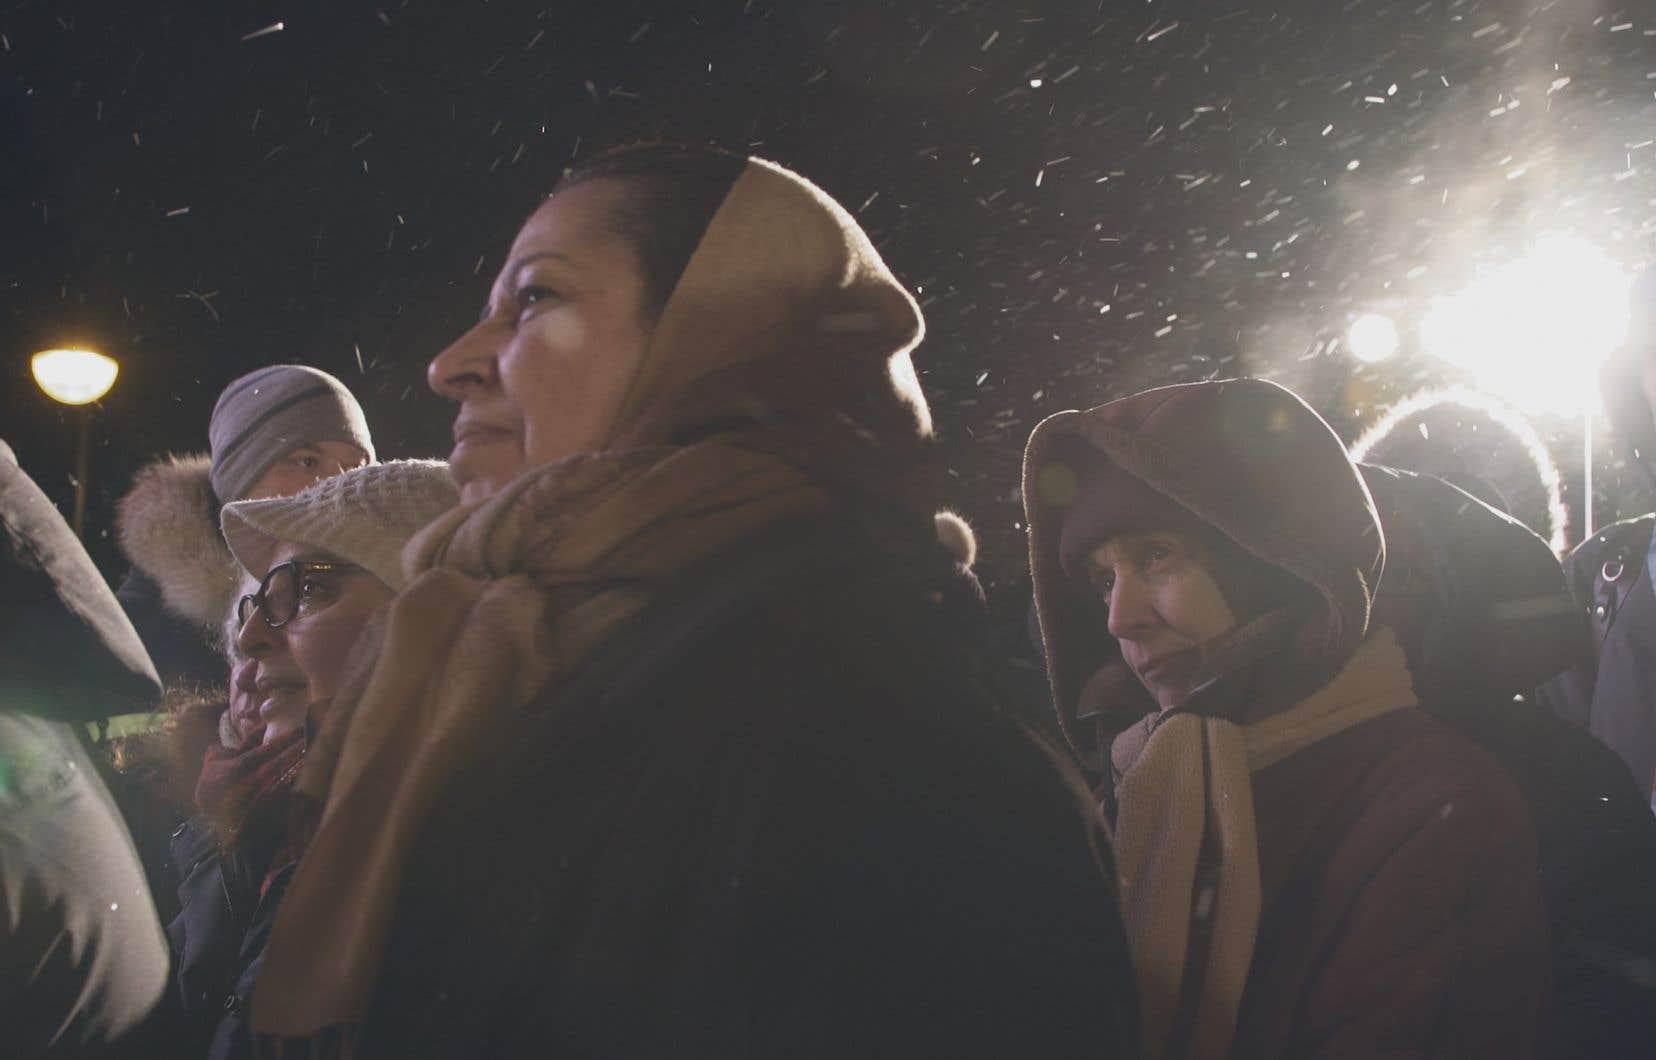 Un an a passé depuis que l'horreur s'est abattue sur la communauté musulmane de Sainte-Foy dont les plaies sont toujours vives.